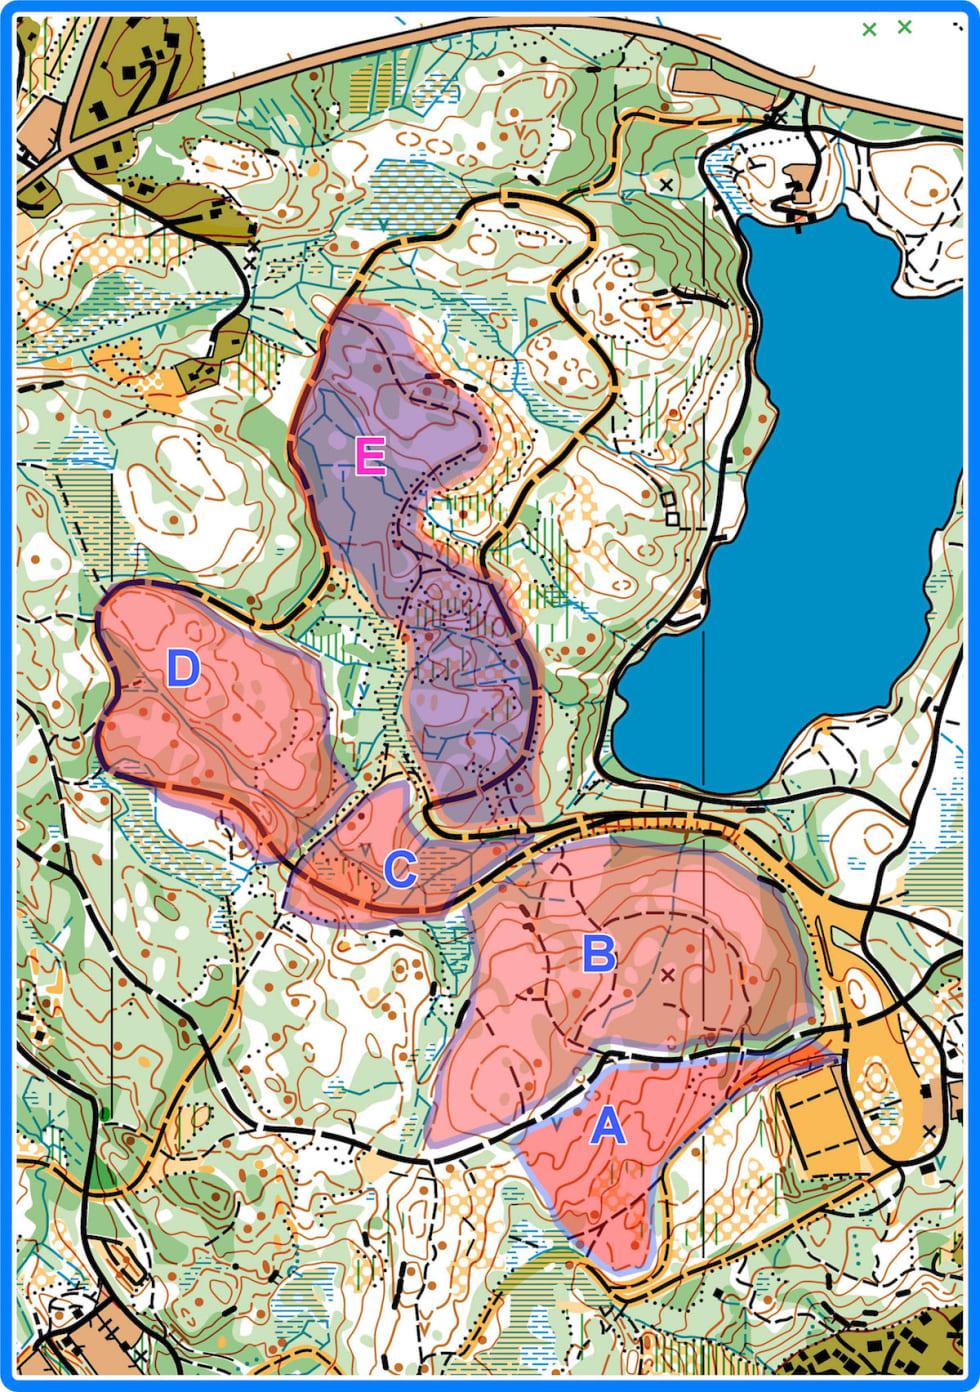 O-kart_Nilsbyen-soner 1200x